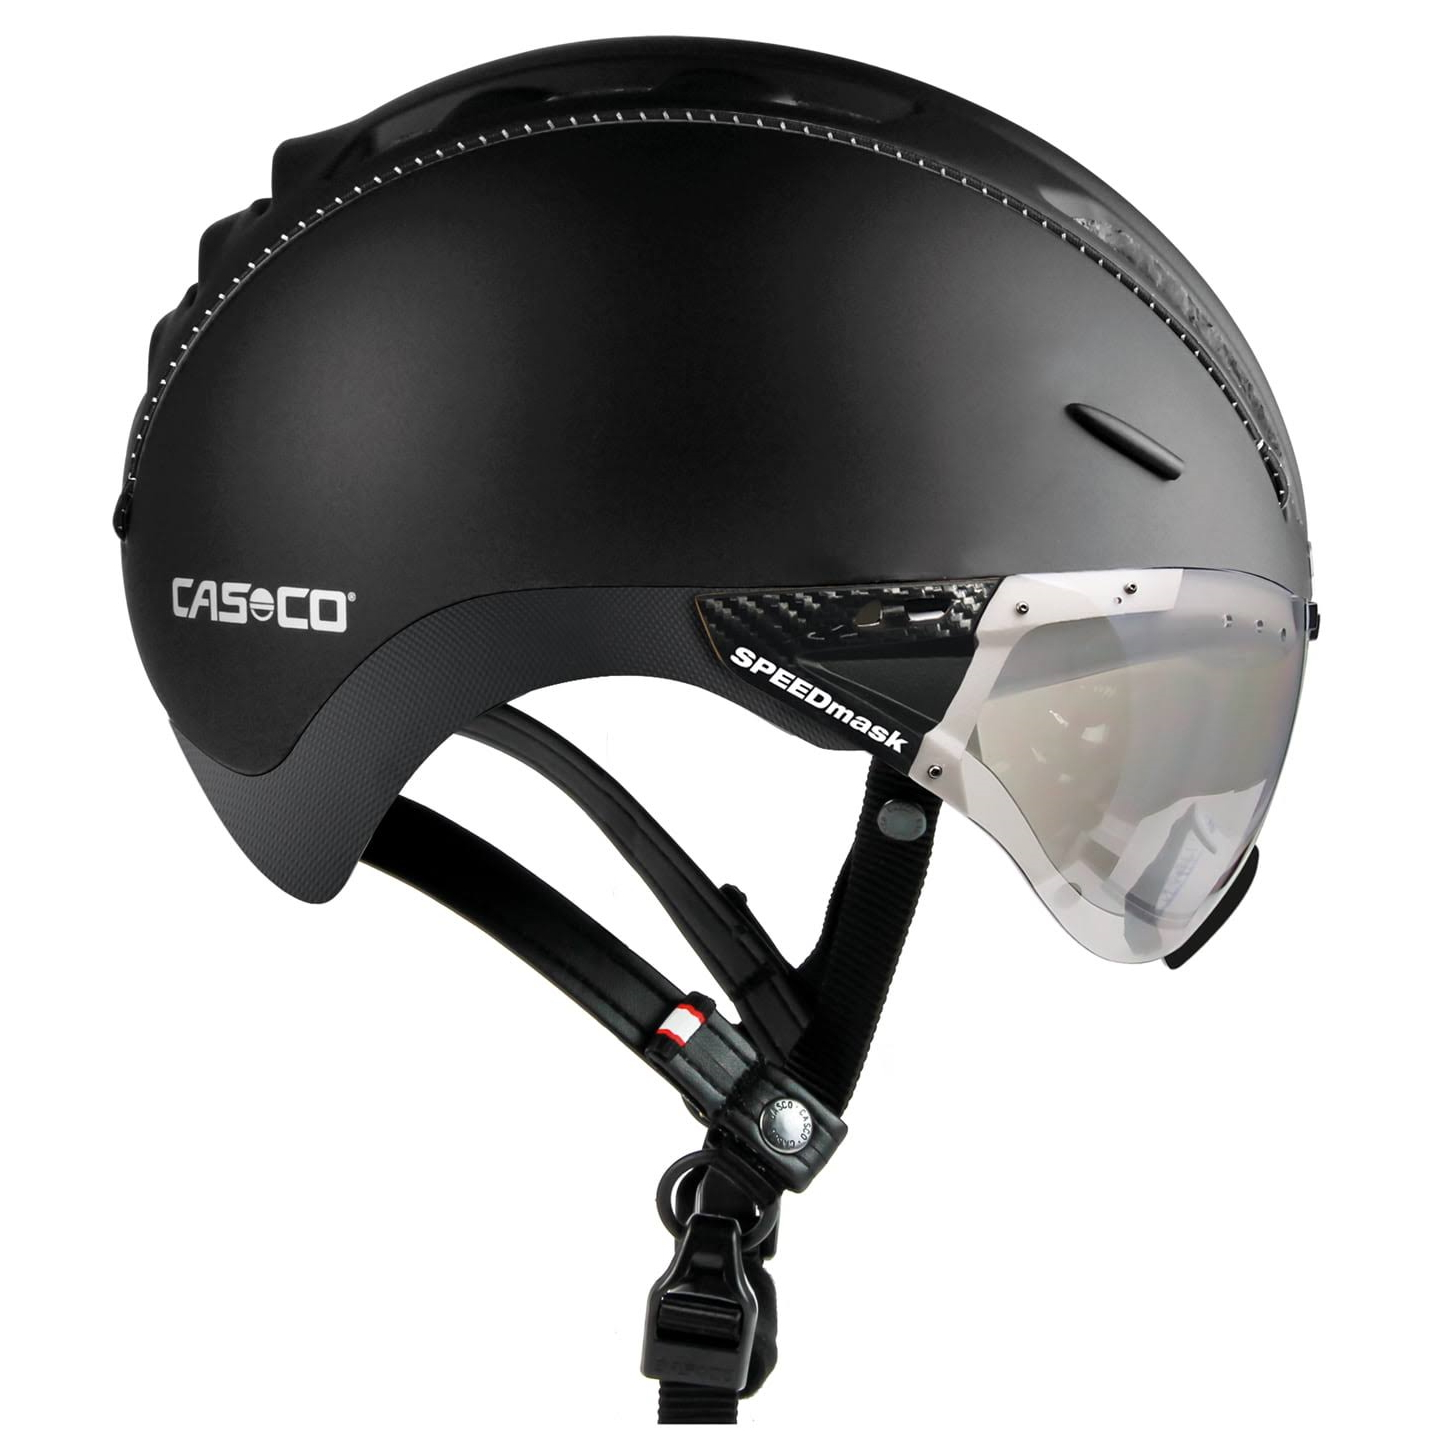 Casco Roadster Plus Helmet - black matt